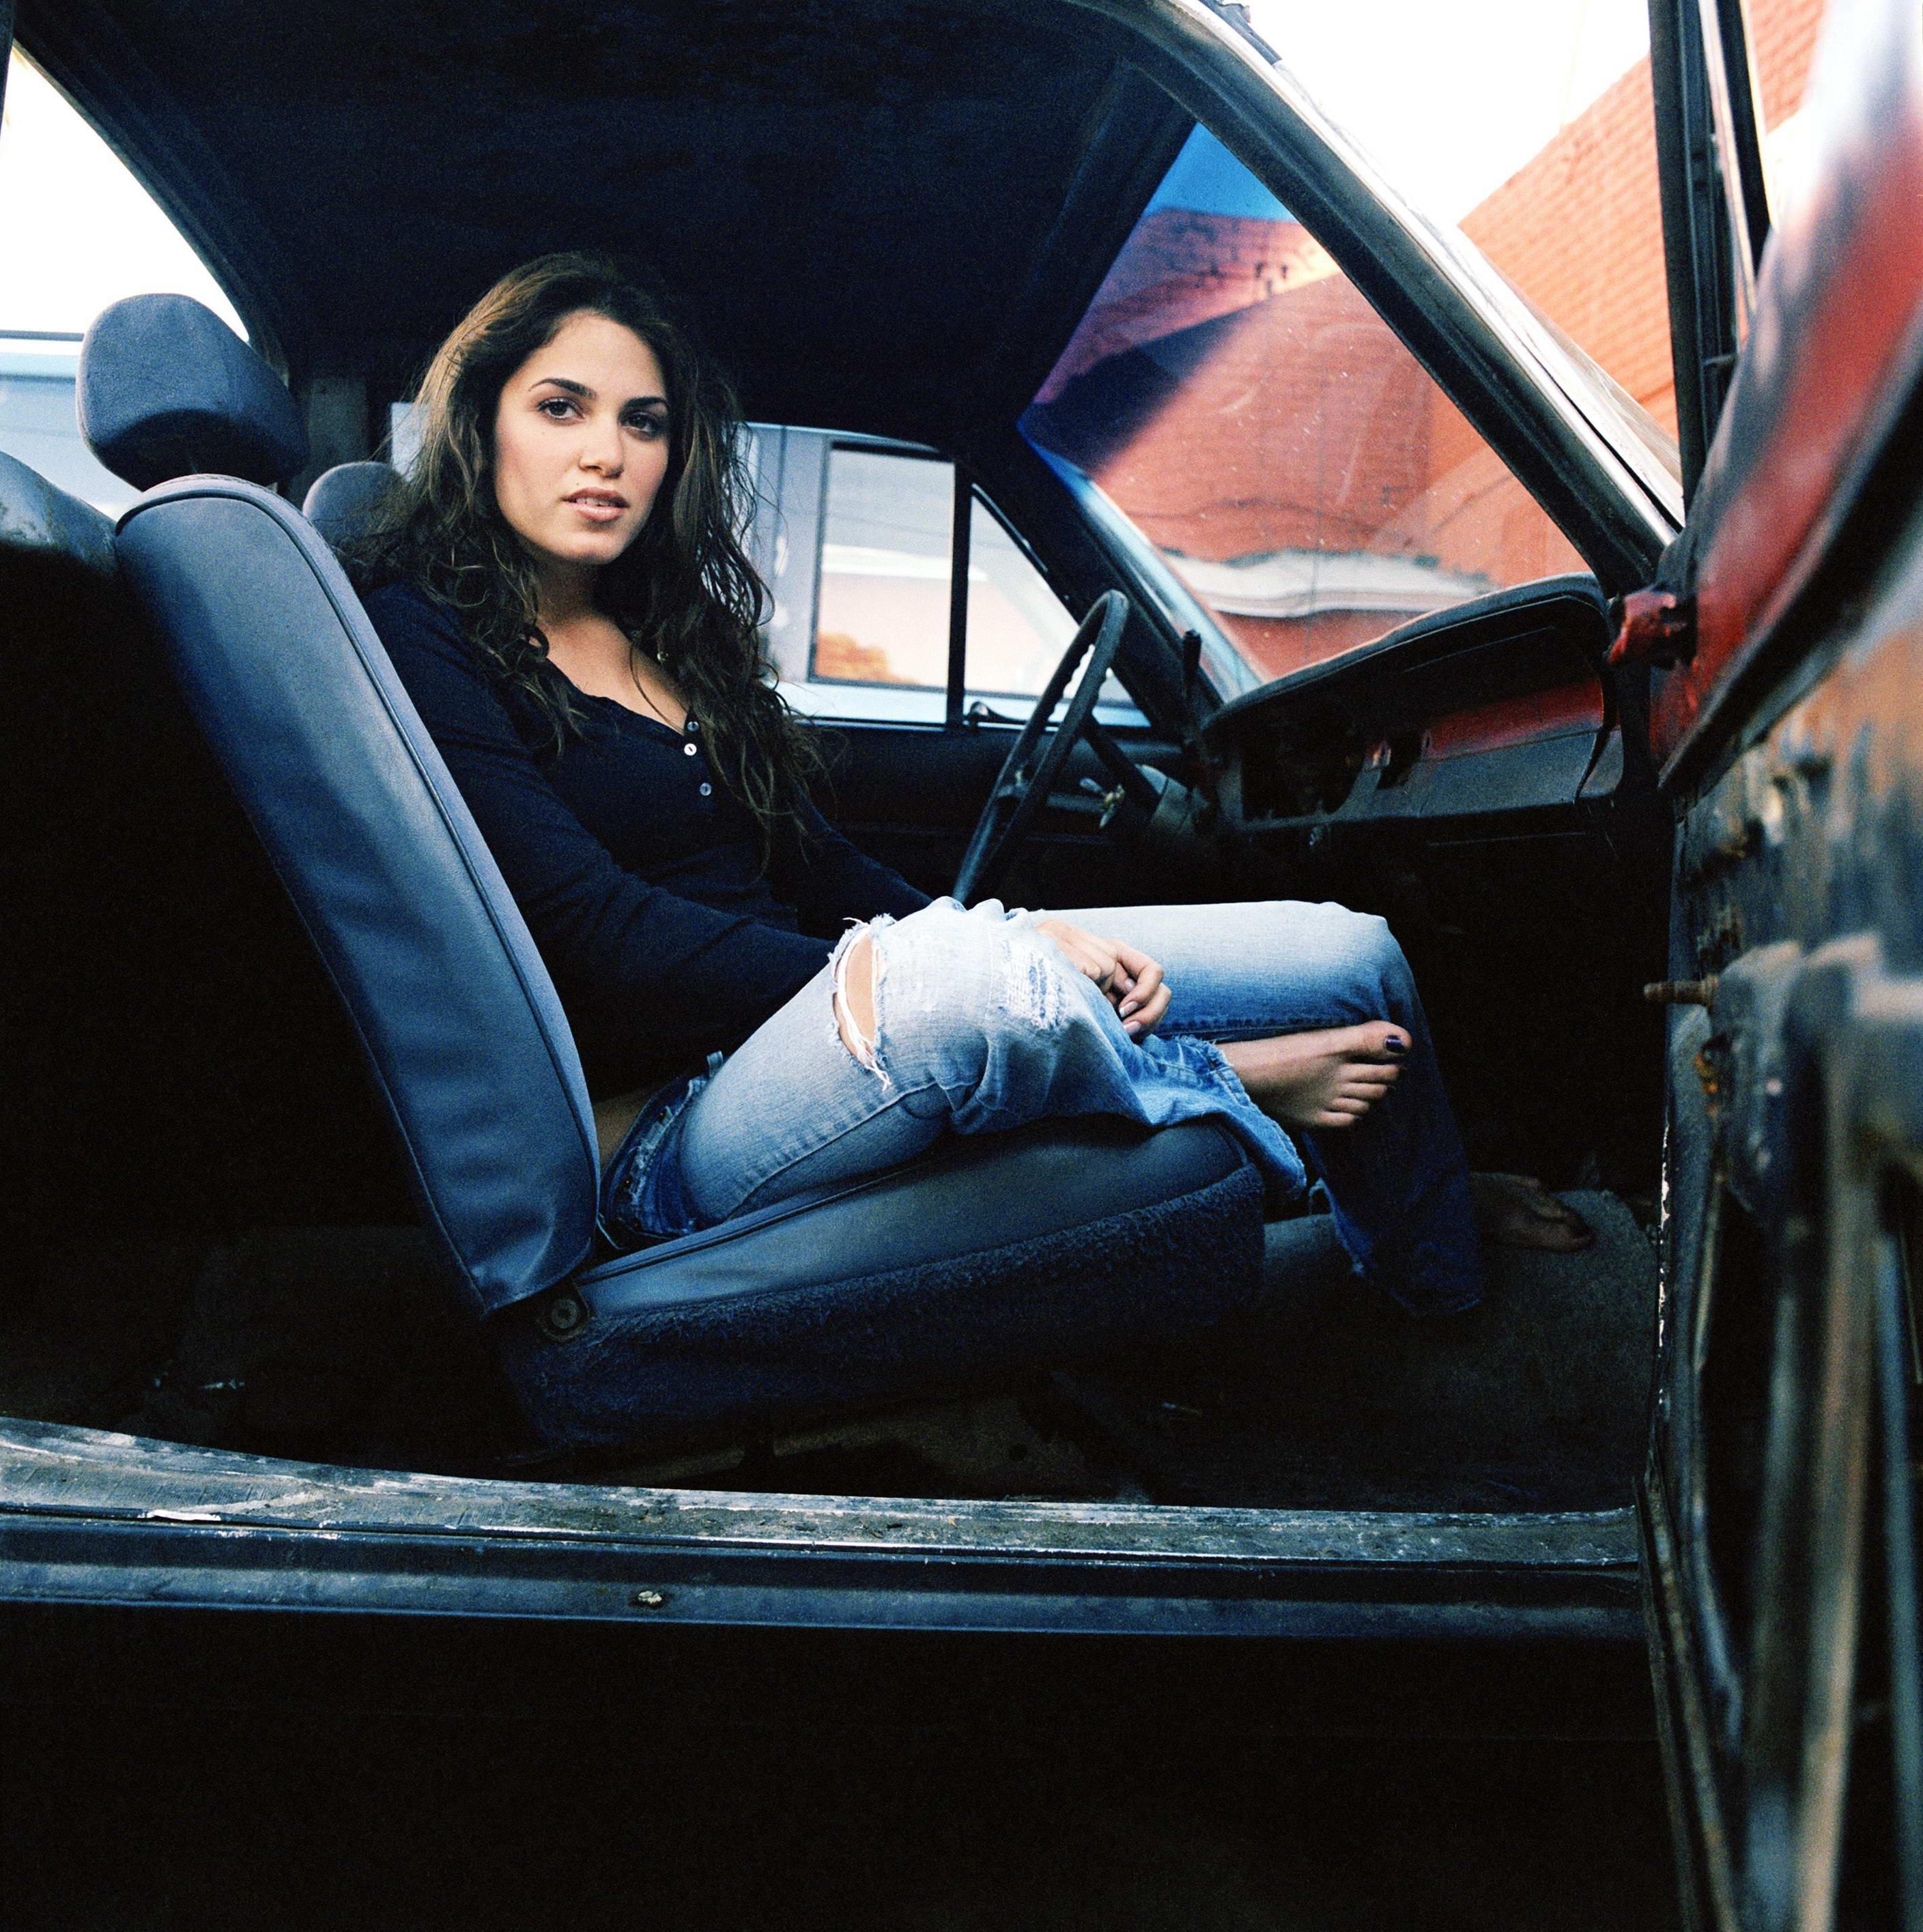 Фото девушек в машине сзади 24 фотография